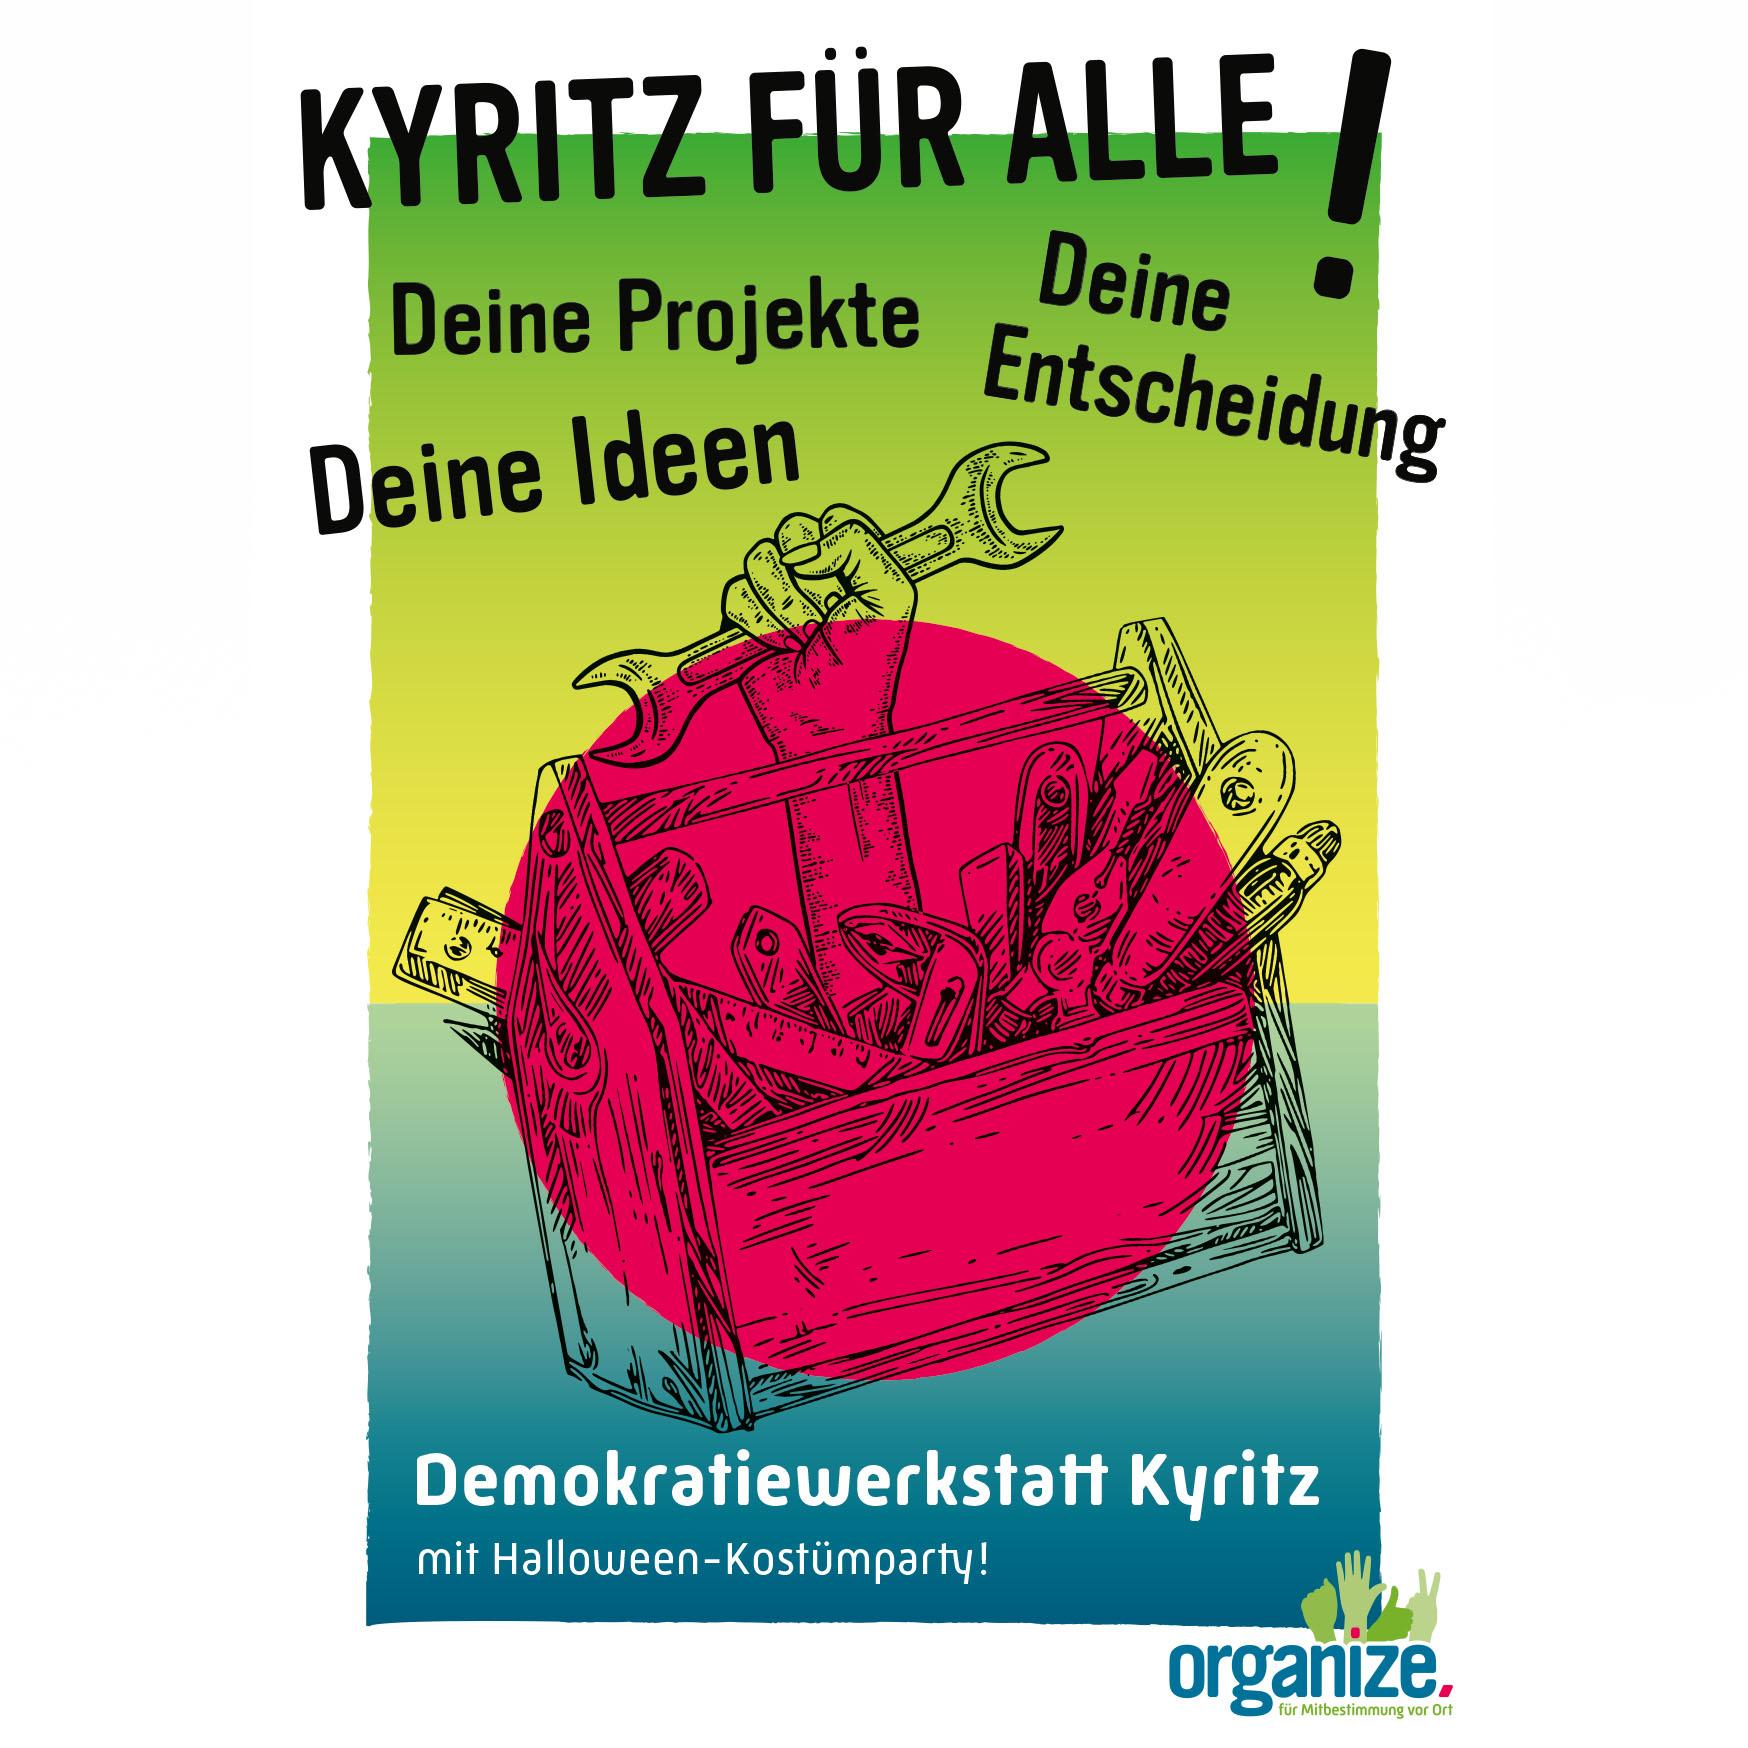 Anmeldung Demokratiewerkstatt Kyritz